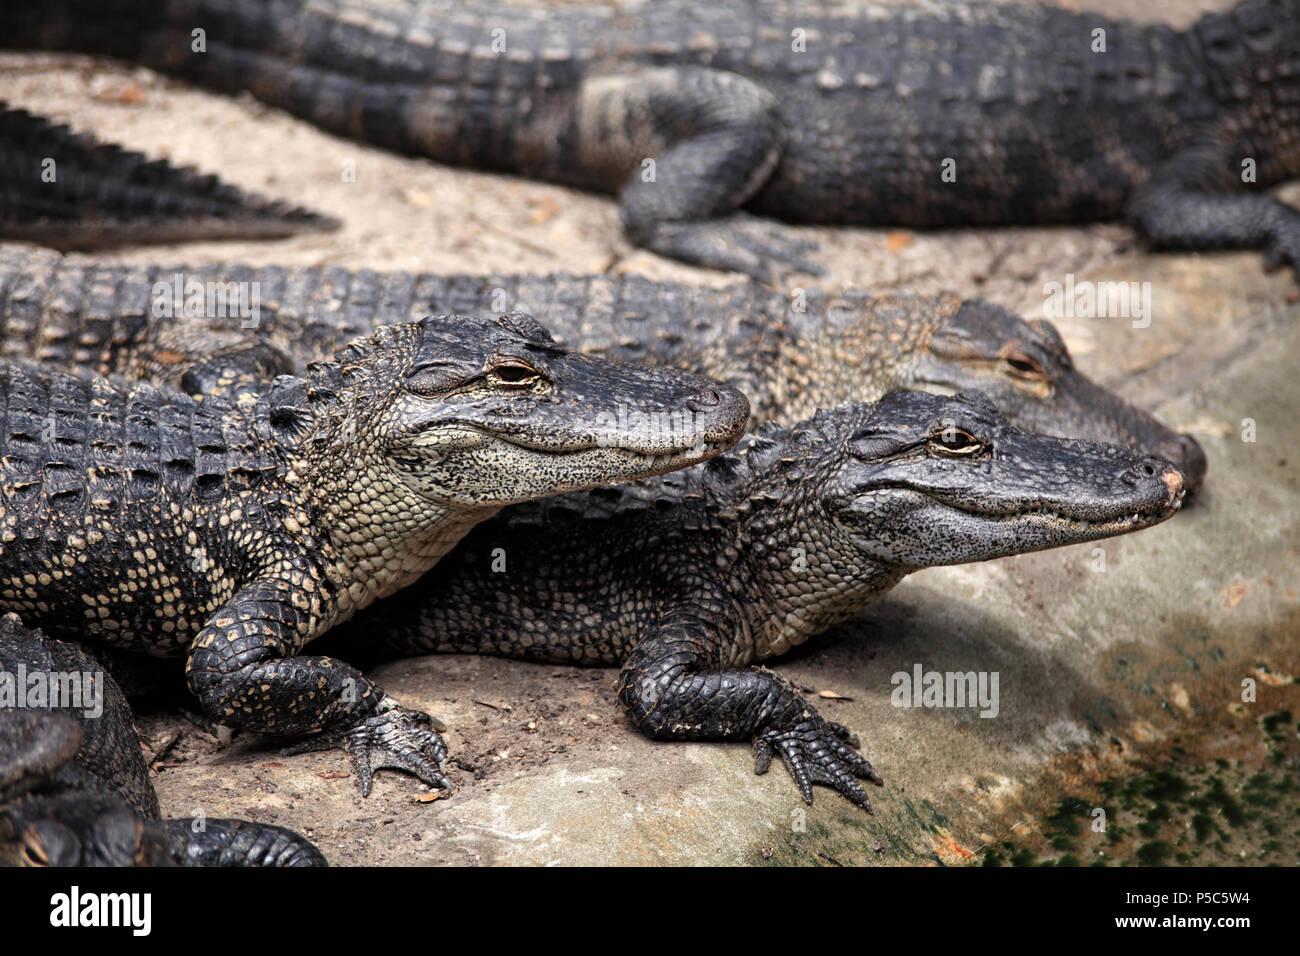 Immagine ravvicinata di alligatori appoggiata da acqua Immagini Stock